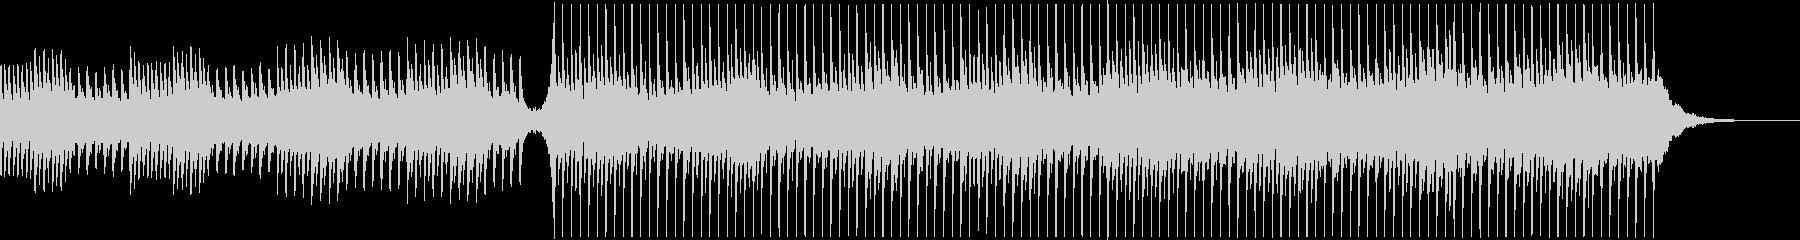 Corporate Piano 142の未再生の波形